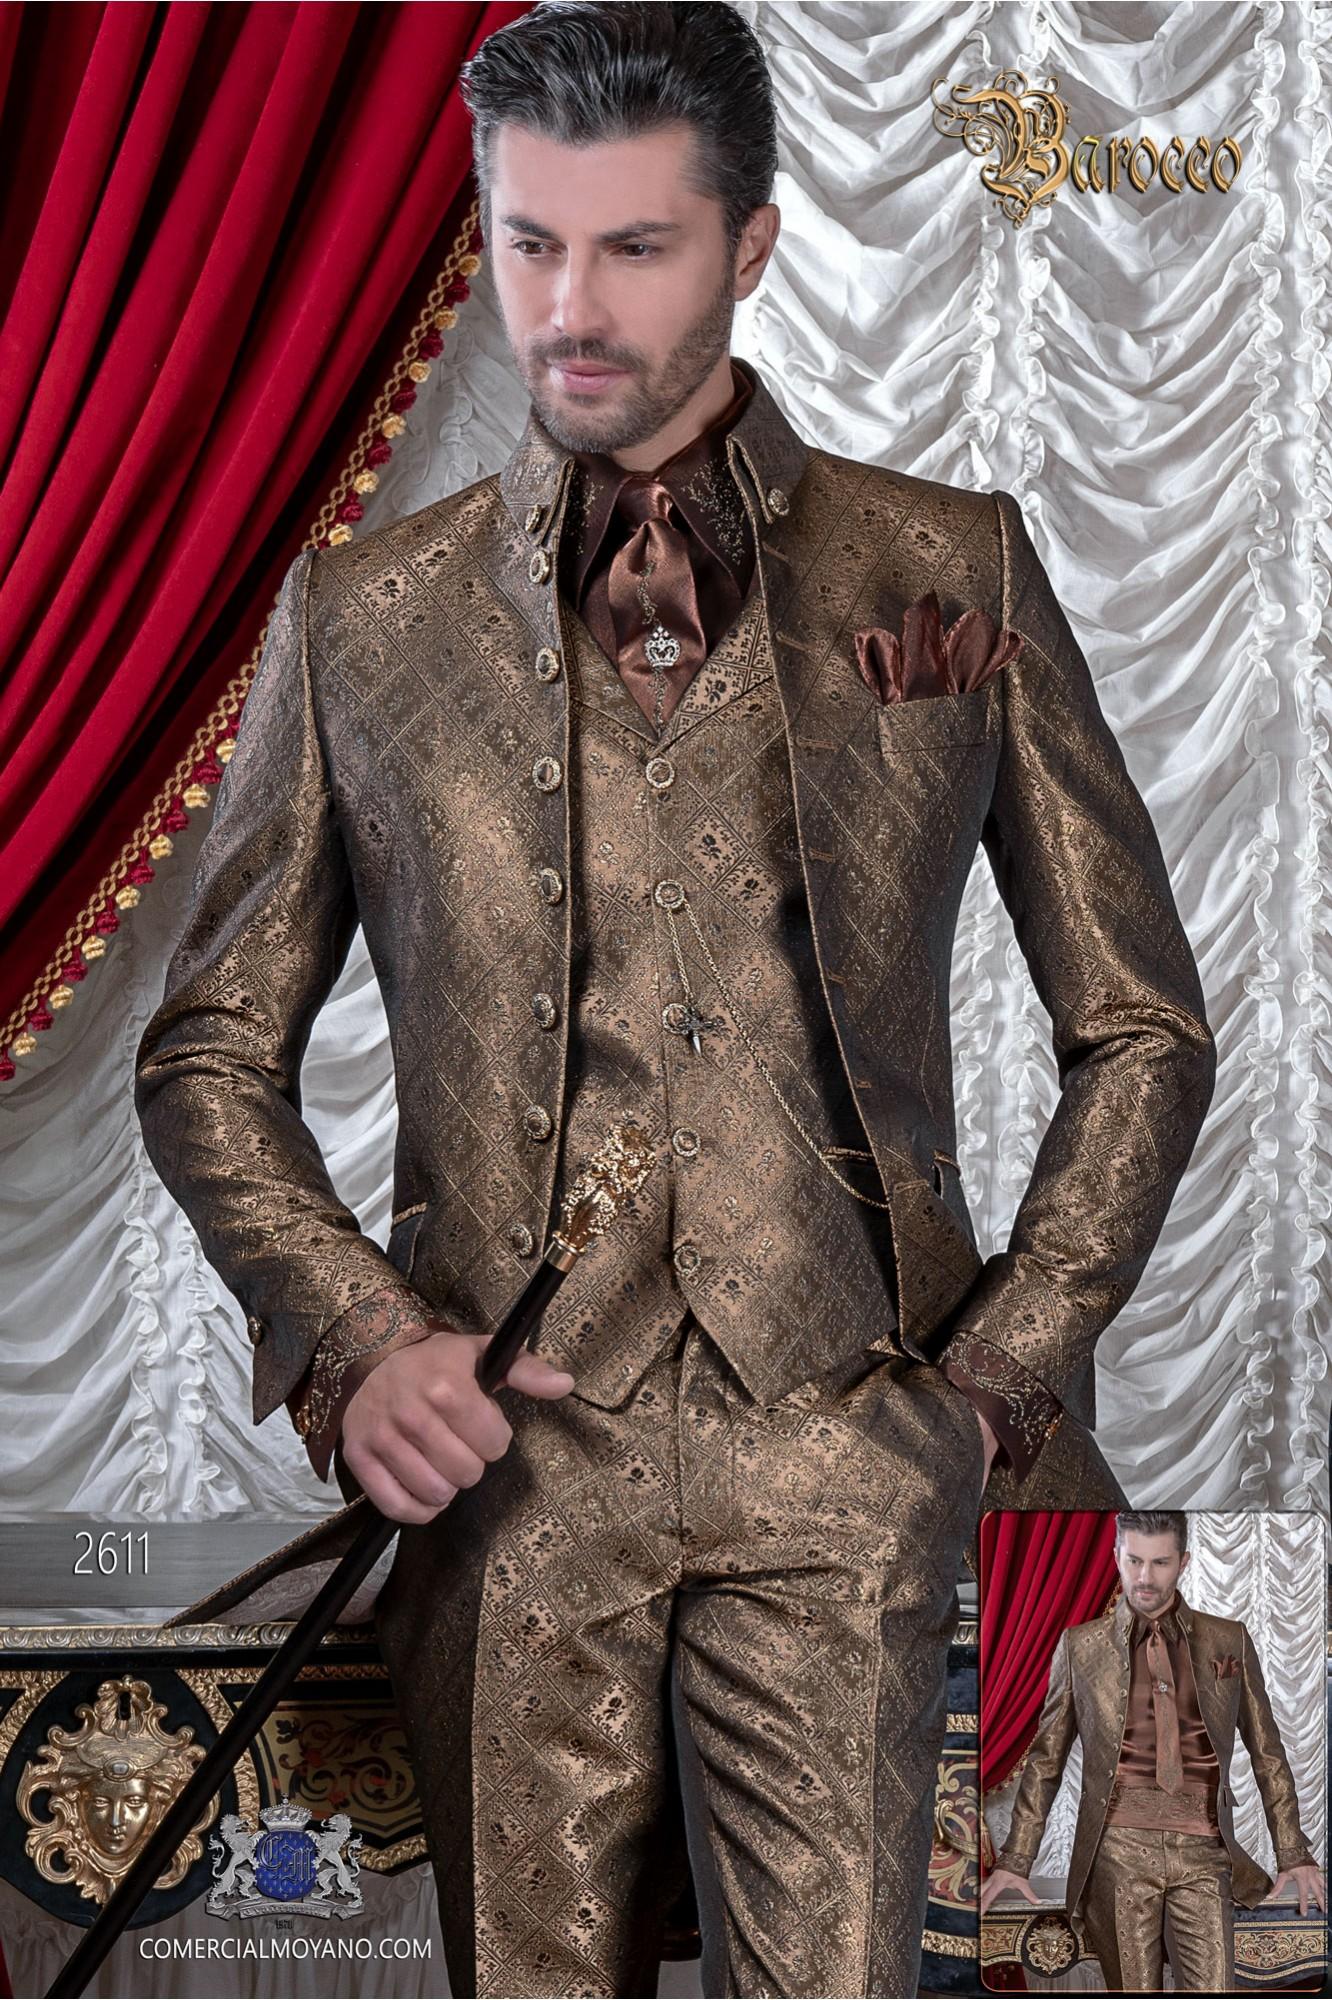 Traje de novio barroco, casaca de época cuello Napoleón en tejido brocado dorado con botones dorados